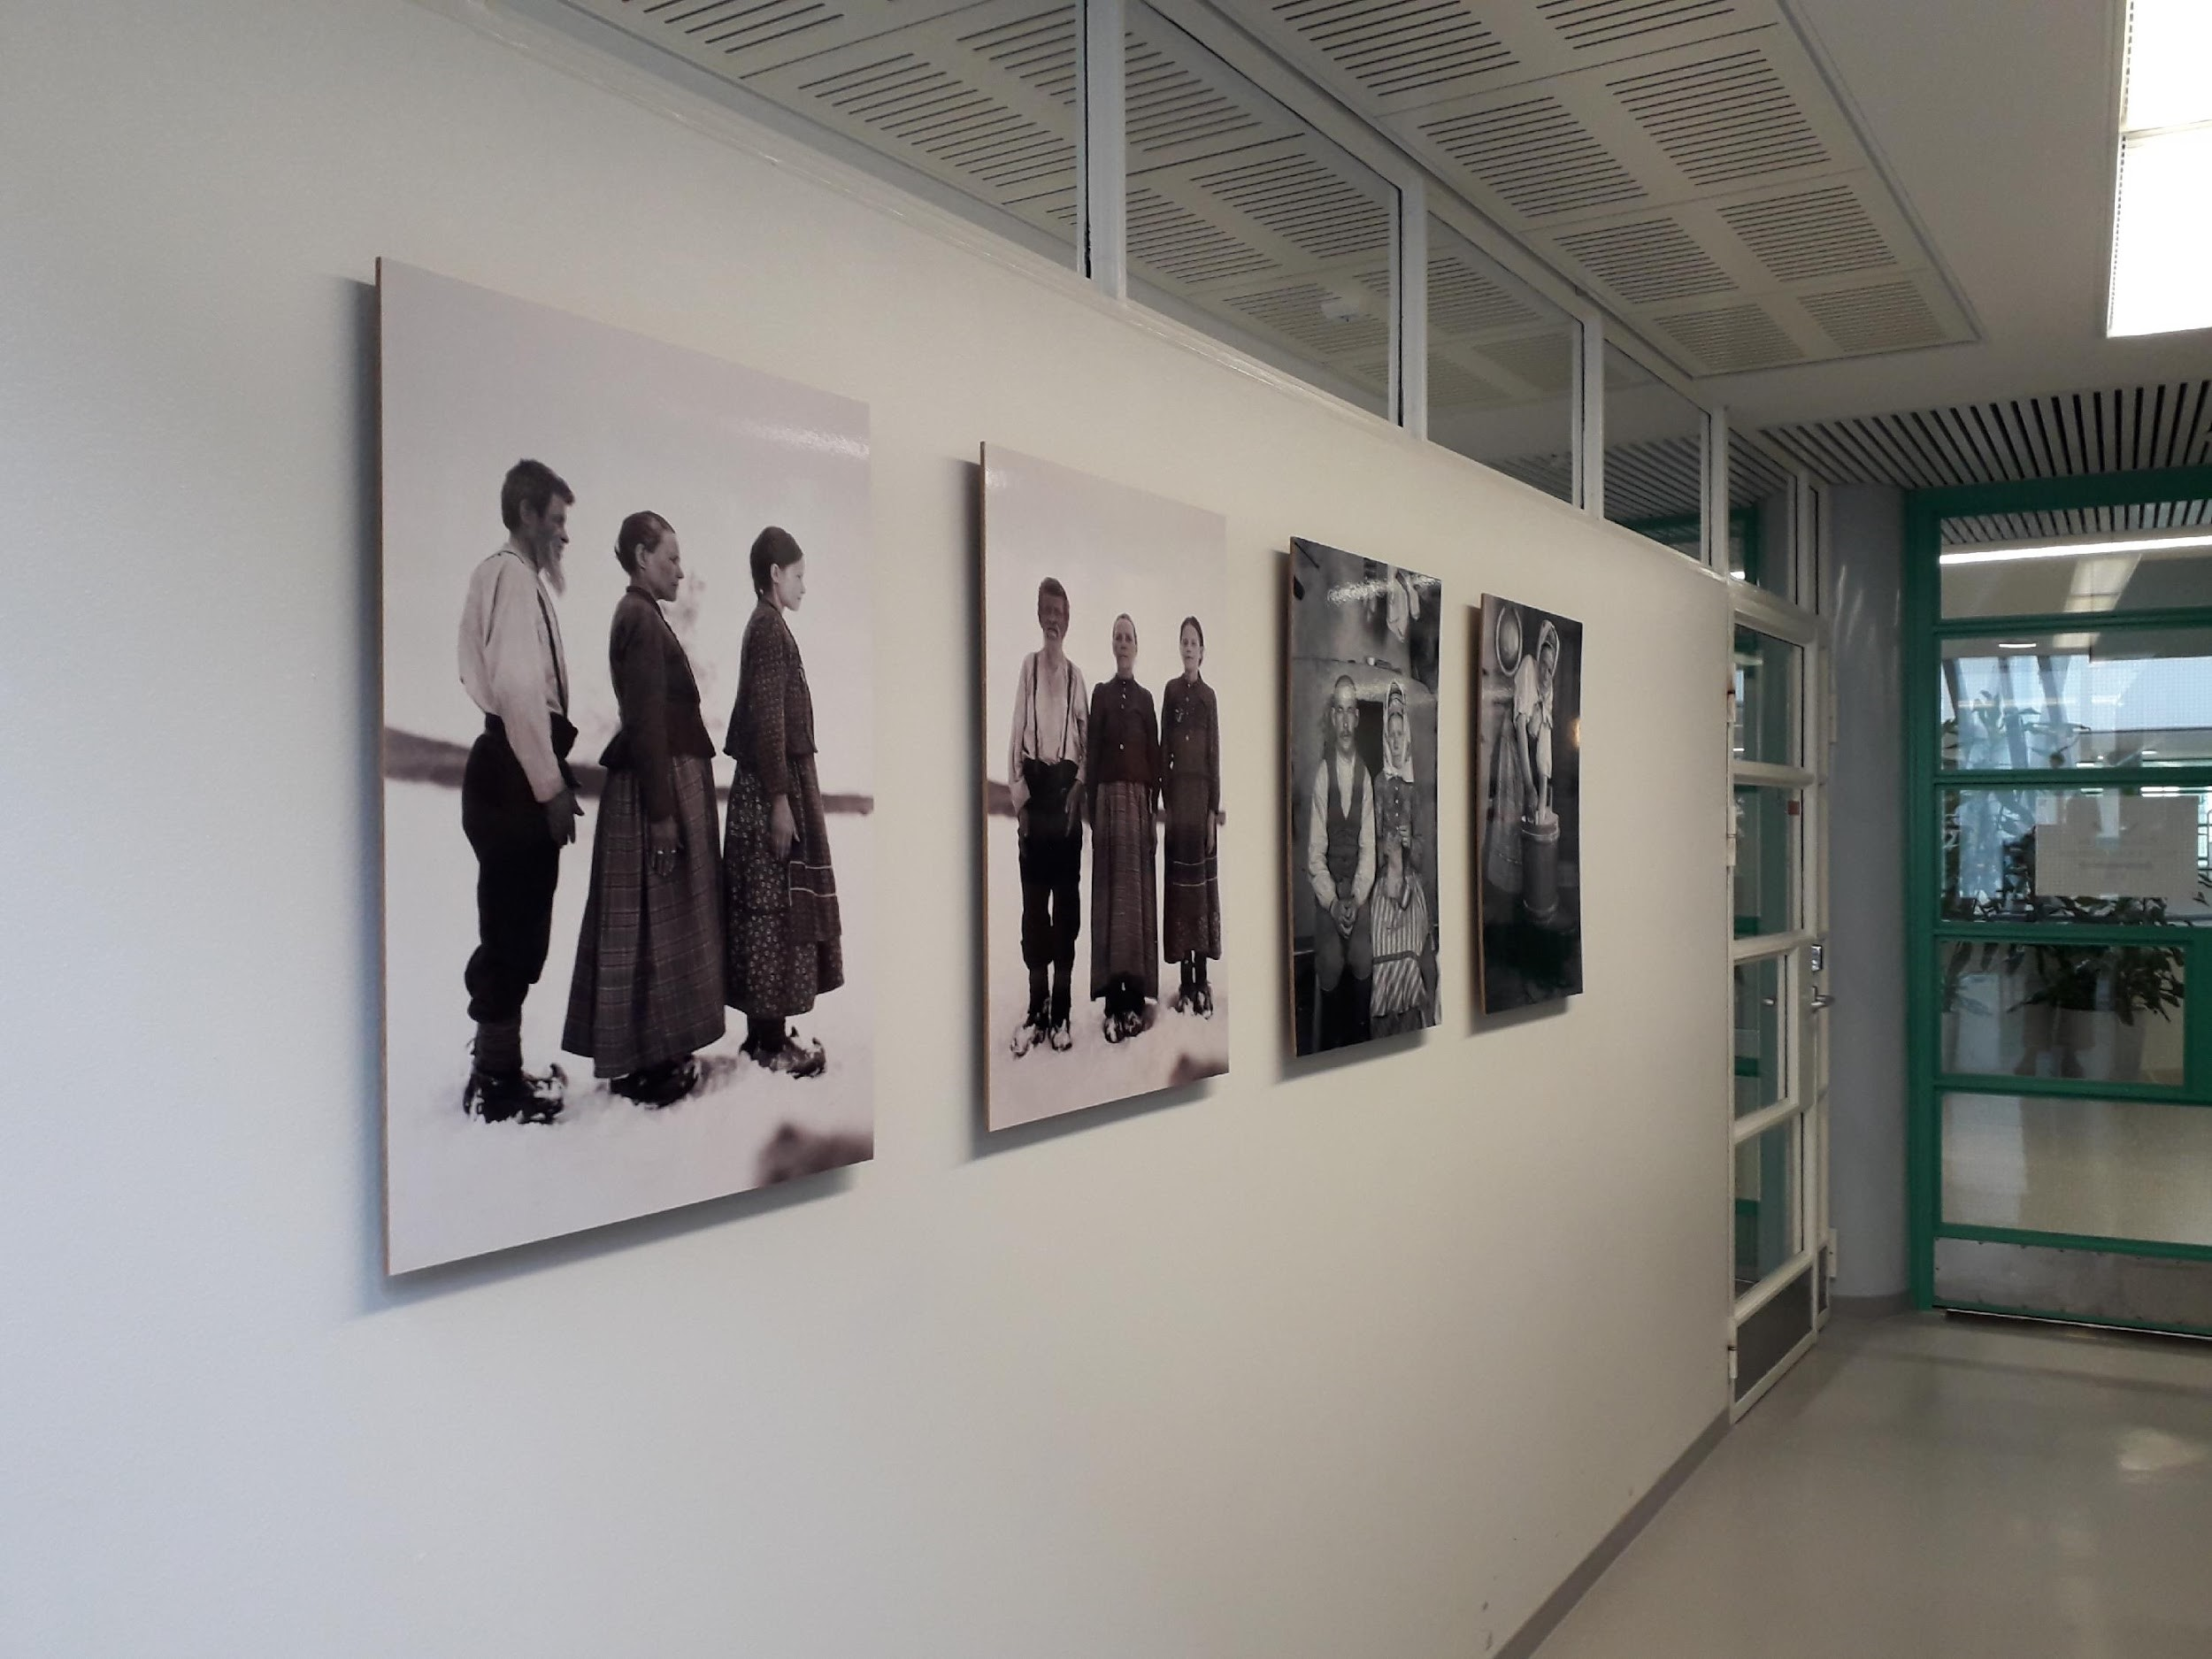 Taidetta tuli myös Tiedekirjasto Pegasukseen. Kuvassa Karl Nickulin saamelaiskuvia 1930-luvun alkupuolelta. Kuva: Tiina Tolonen.